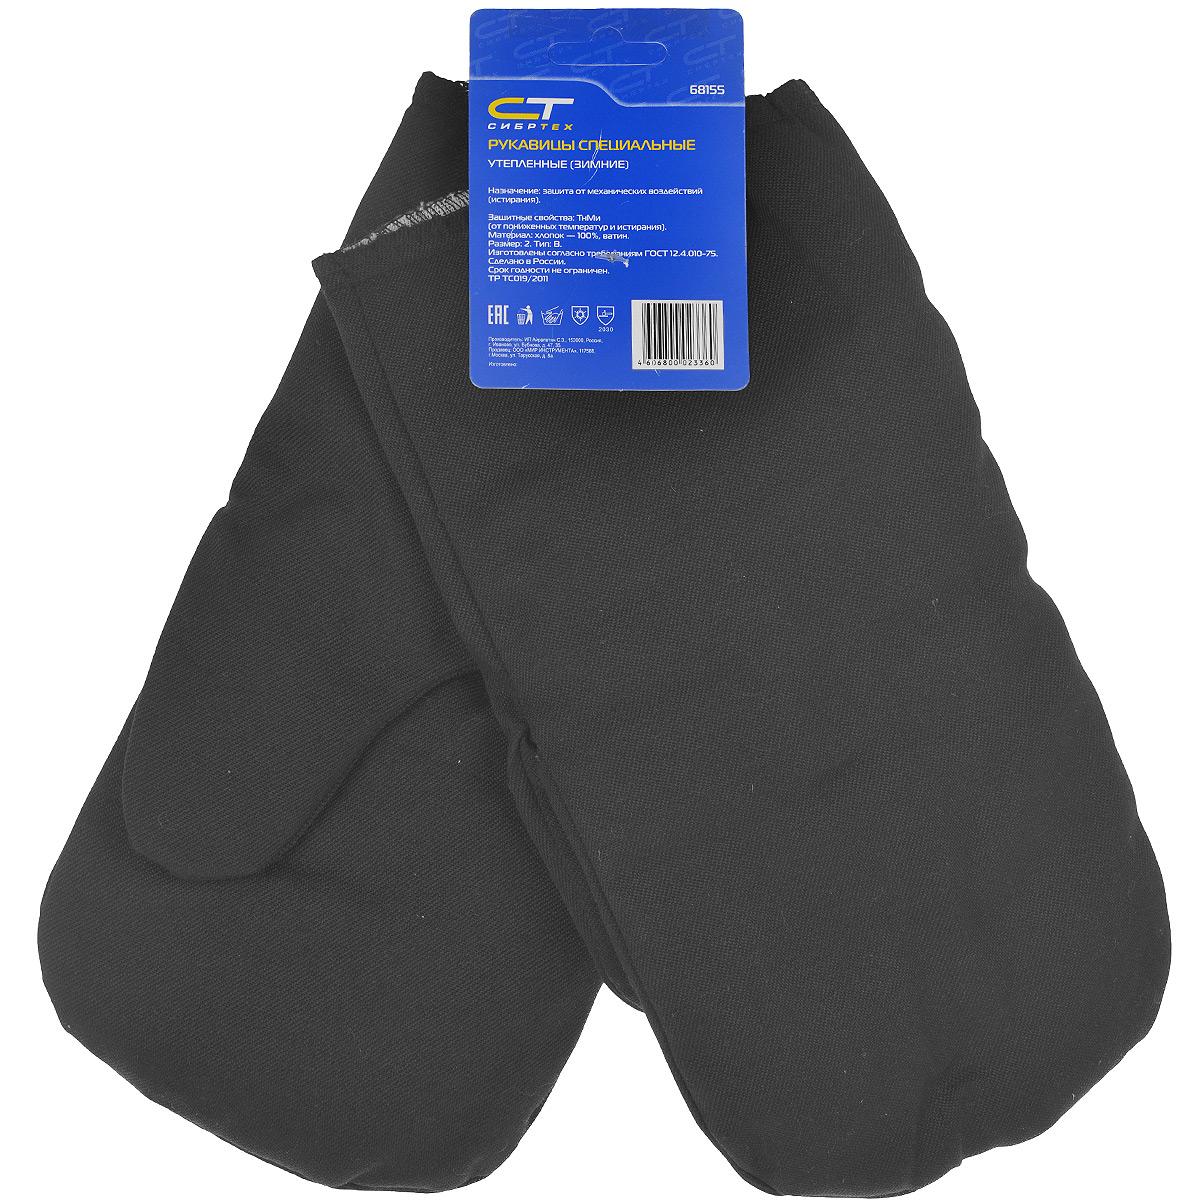 Рукавицы специальные Сибртех, утепленные, цвет: черный. Размер 217175Рукавицы Сибртех предназначены для выполнения строительных и сельскохозяйственных работ. Защищают кожу рук от бытовых загрязнений и натираний. Благодаря наличию двойной подкладки из ватина могут использоваться и в зимнее время года. Рукавицы обеспечивают свободный воздухообмен благодаря натуральной хлопчатобумажной основе. Имеют длительный срок эксплуатации.